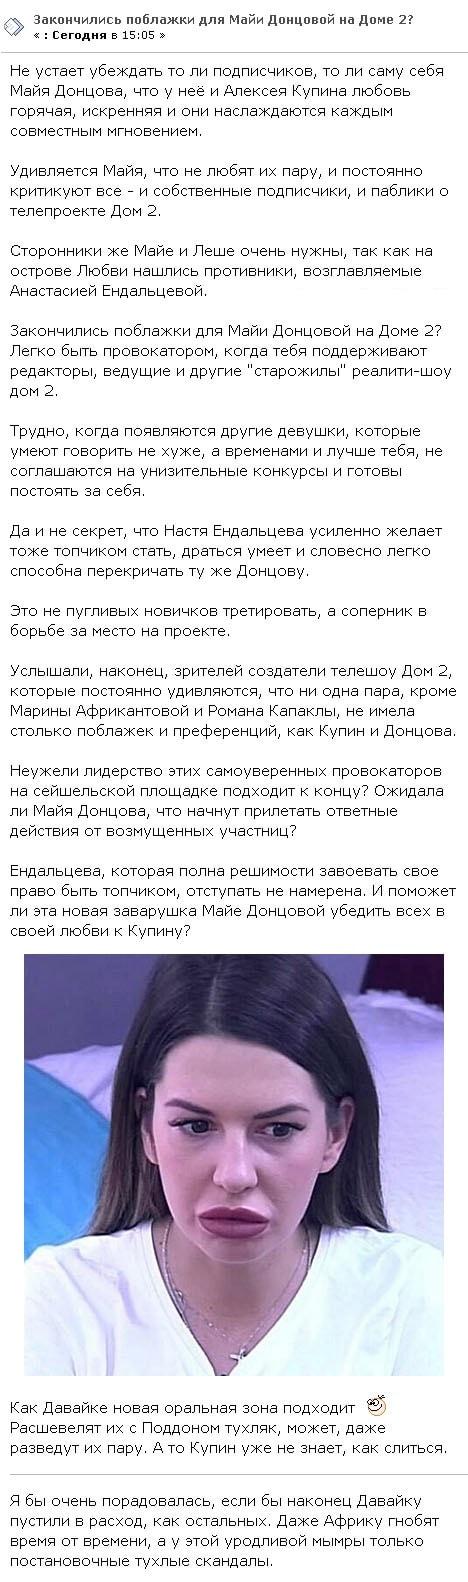 В сети заговорили о скором изгнании Алексея Купина и Майи Донцовой